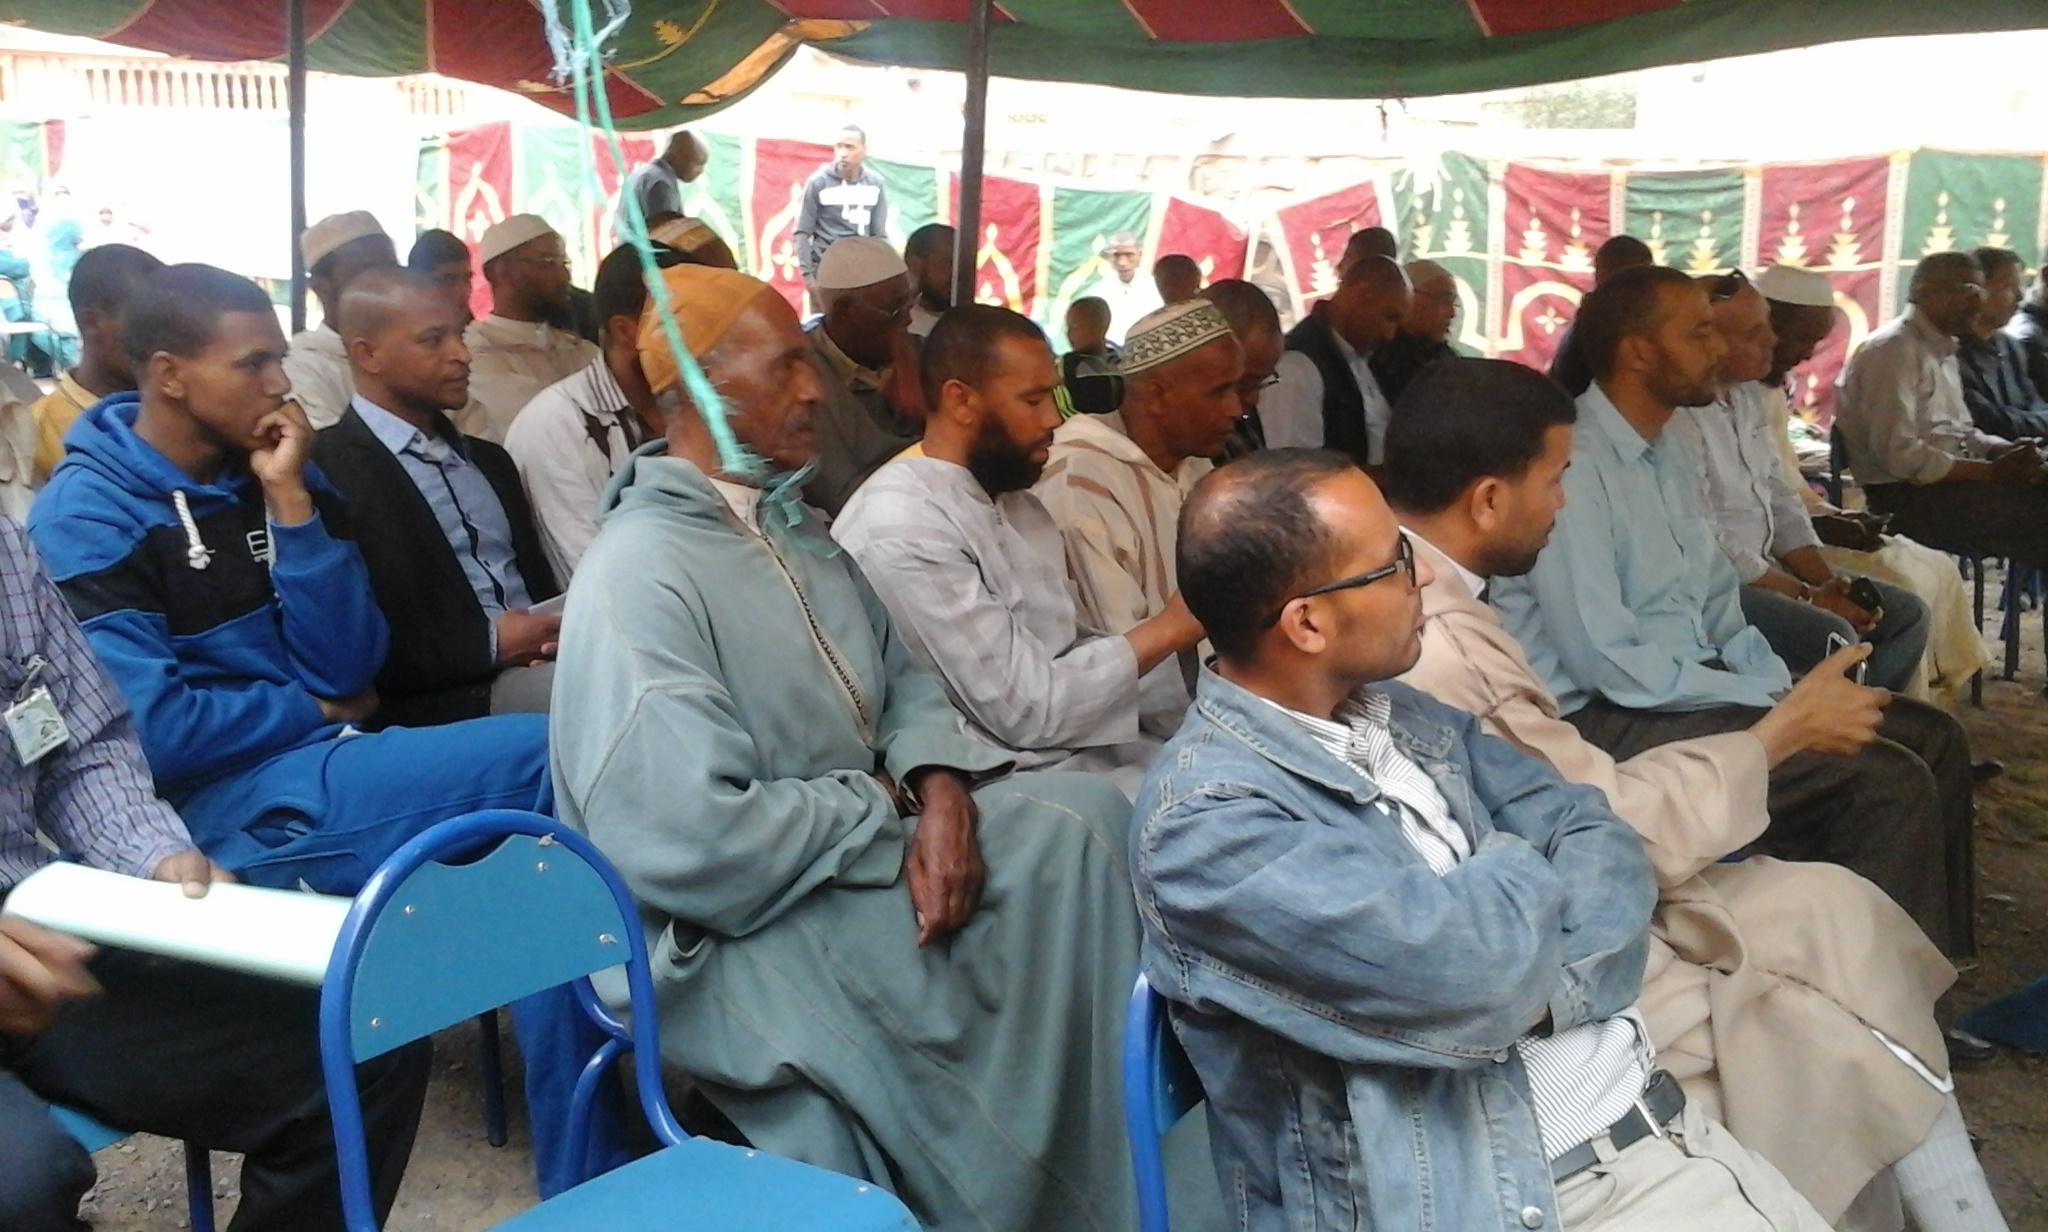 جمعية أكدز للتنمية تنظم الملتقى الاول لليتيم